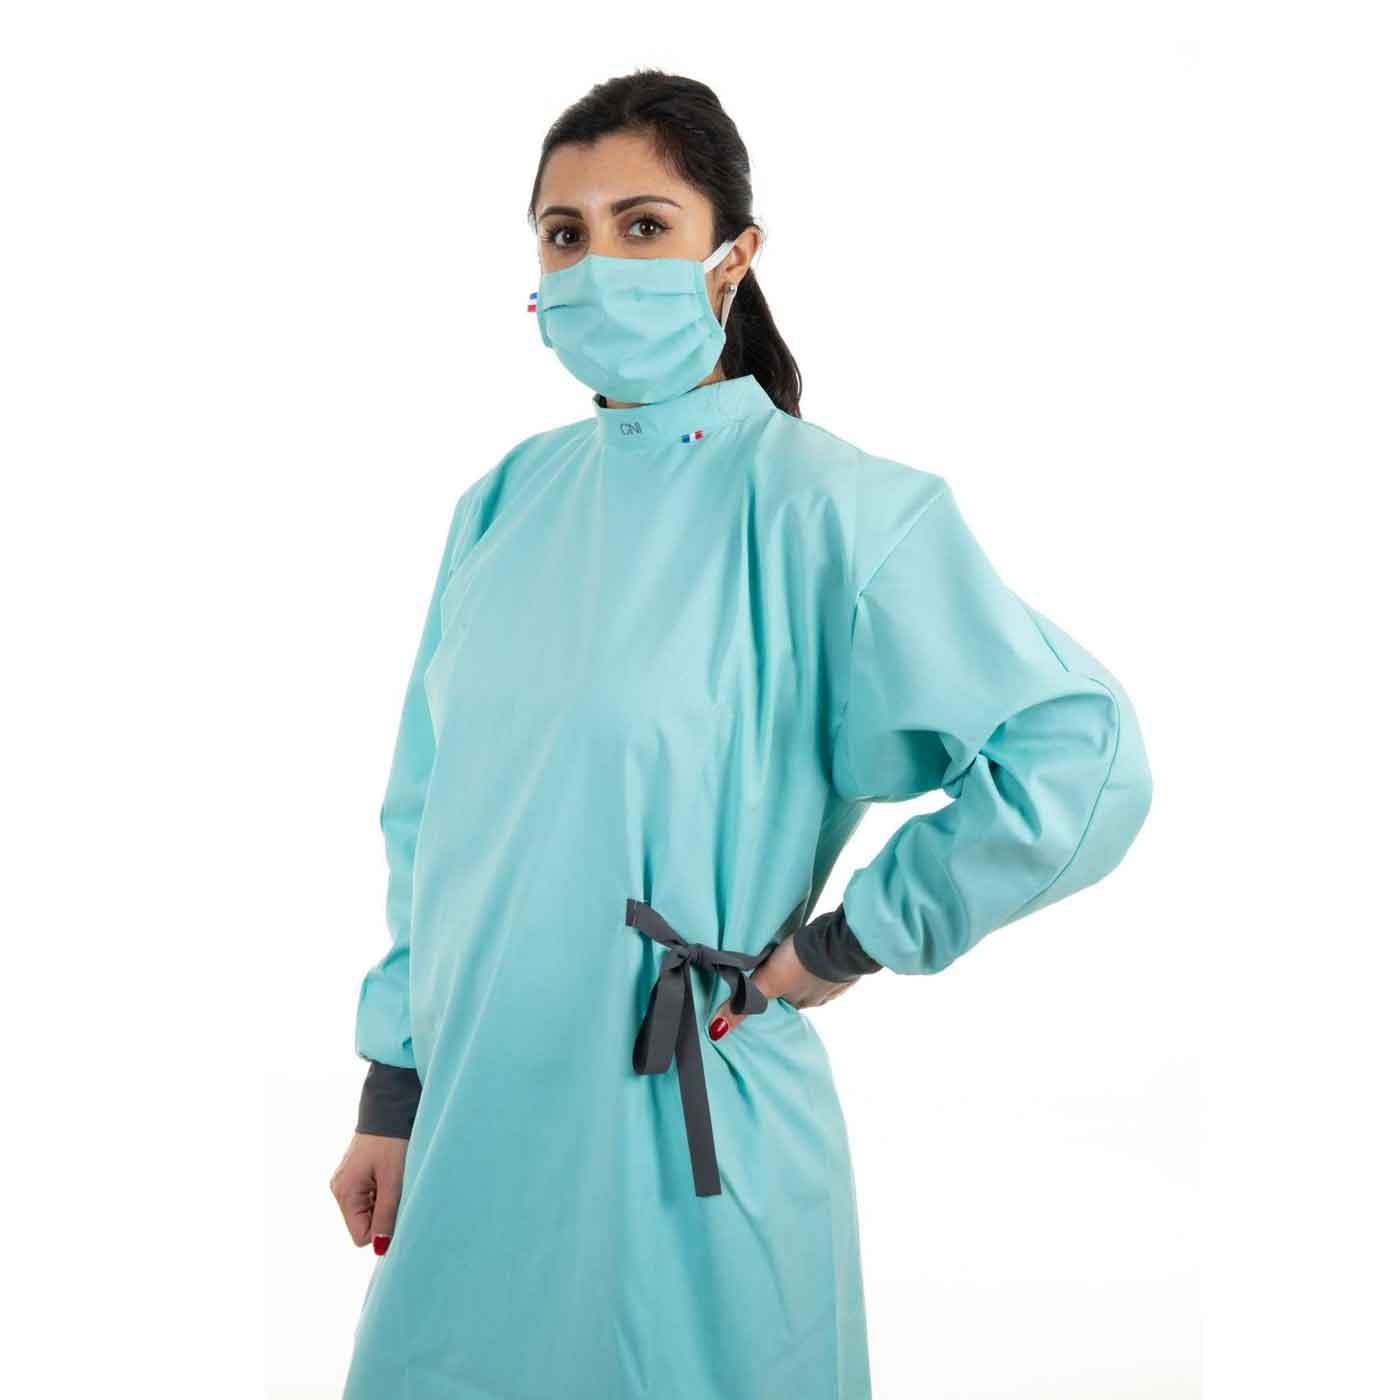 Blouse de protection médicale - Couleur vert lagon